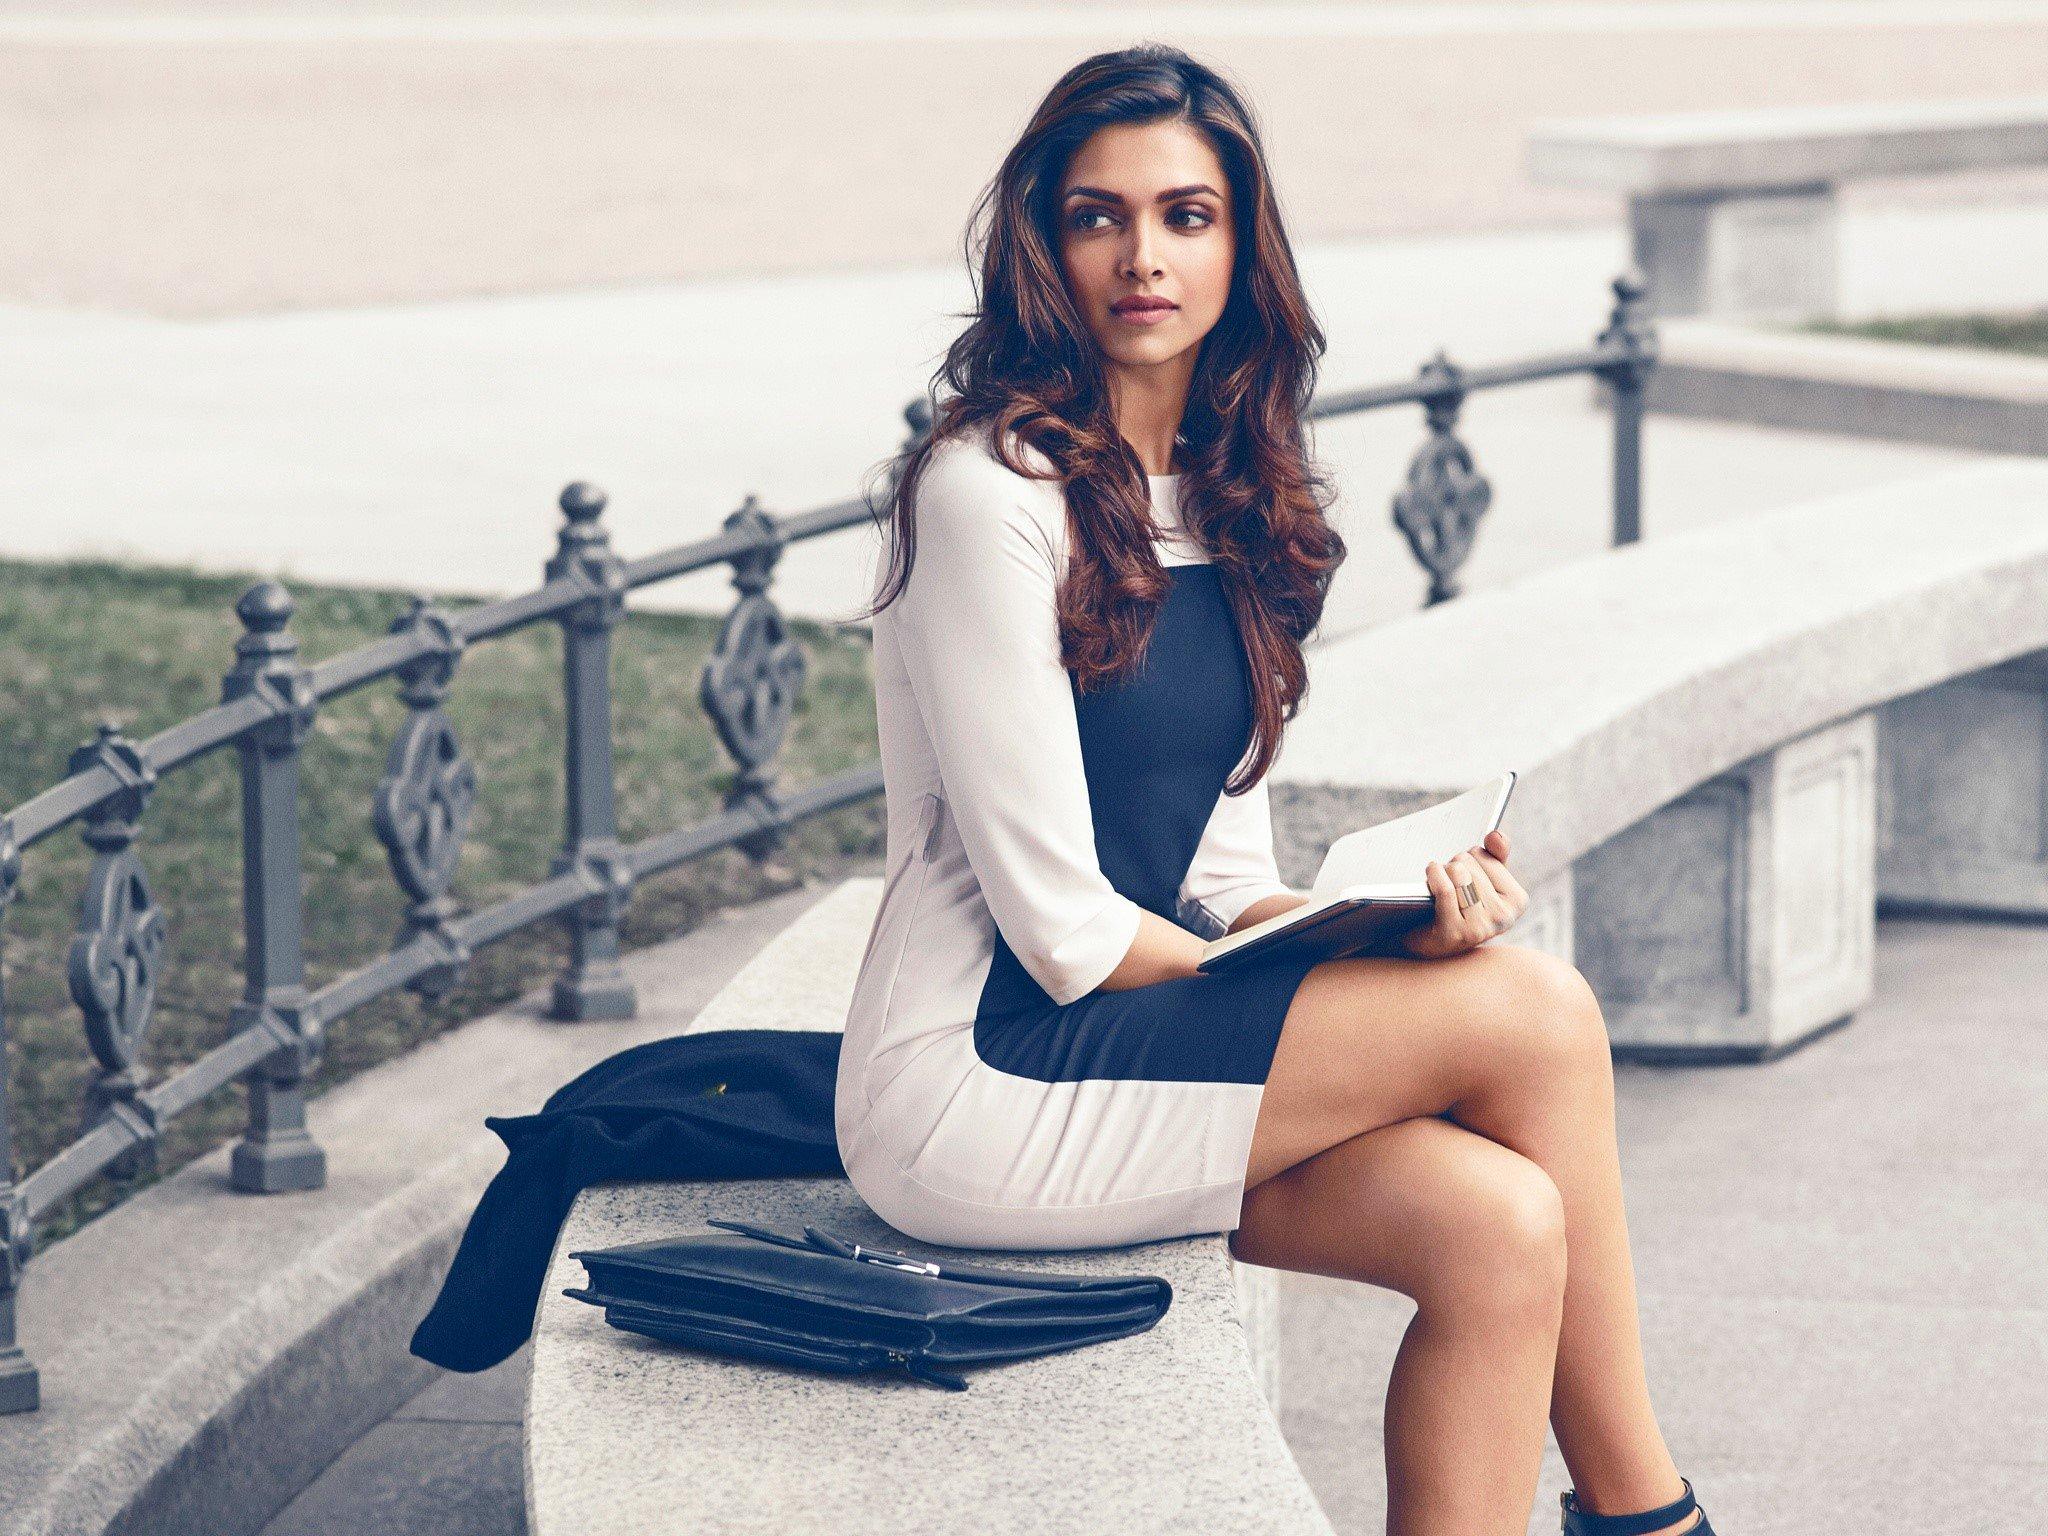 Fondos de pantalla Deepika Padukone en un parque